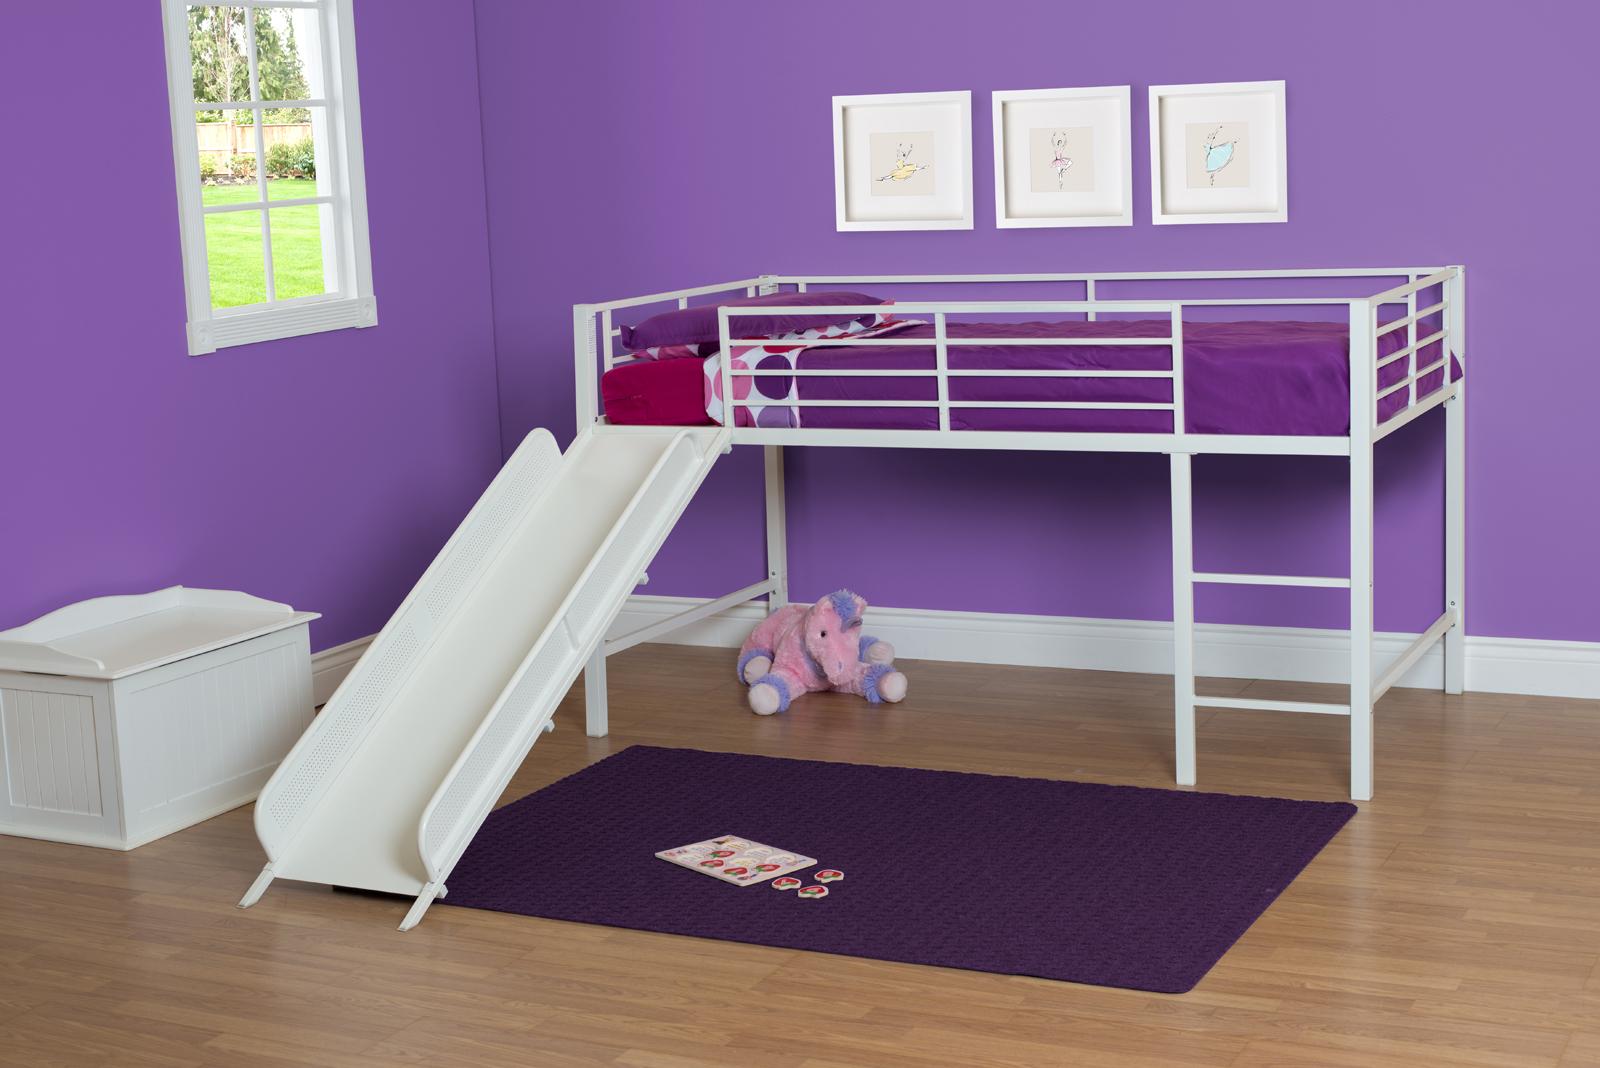 Bed Junior Bunk Bed